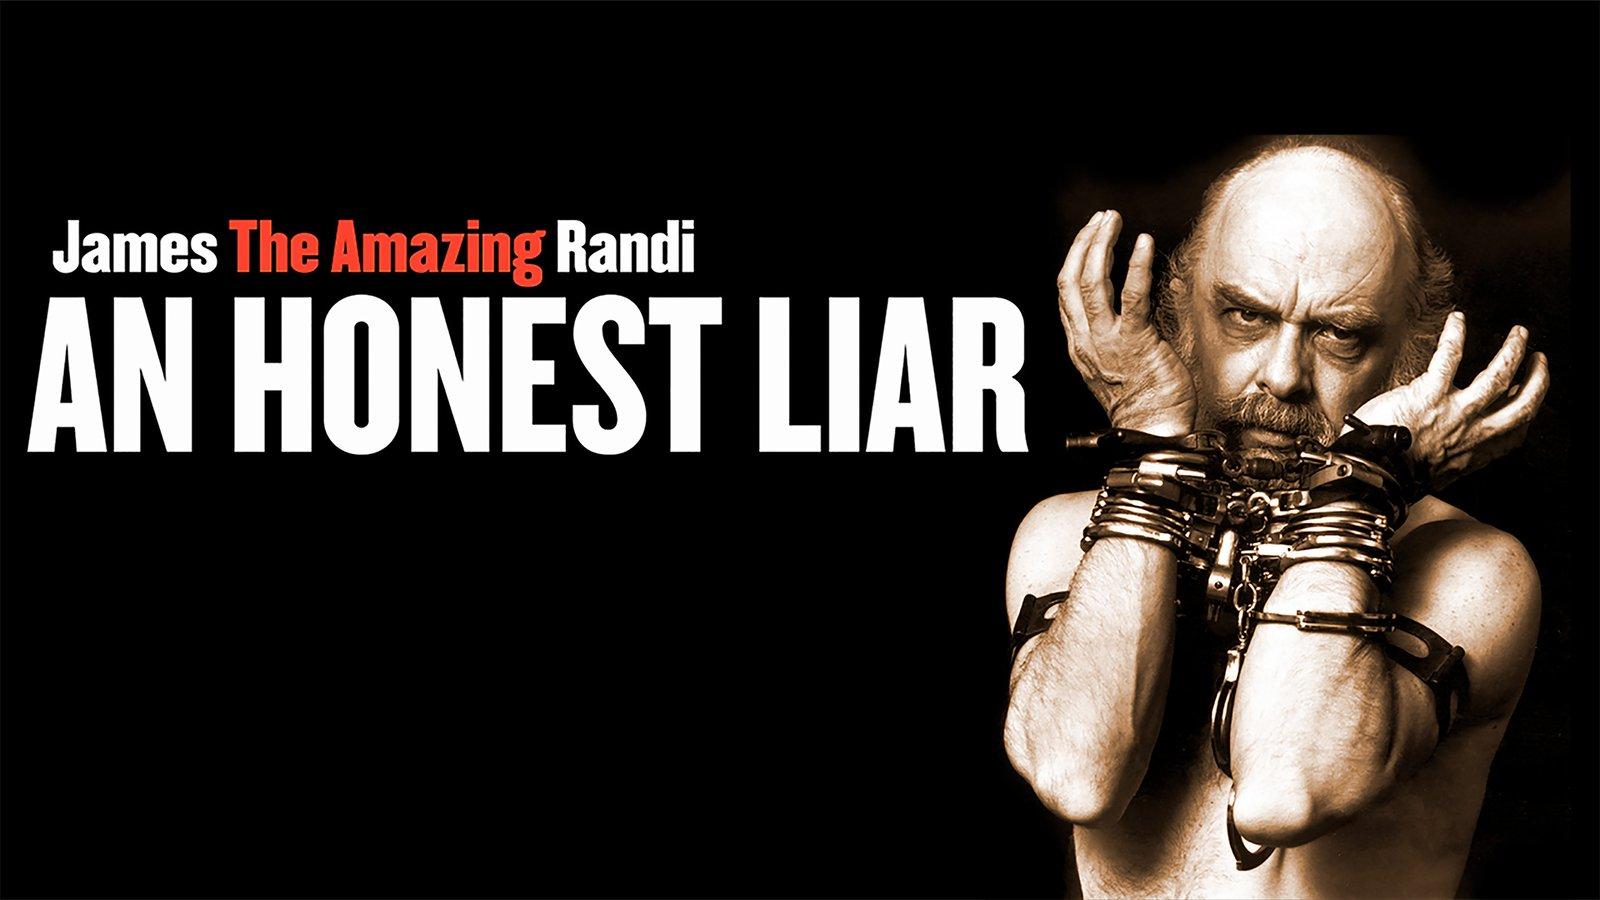 An Honest Liar